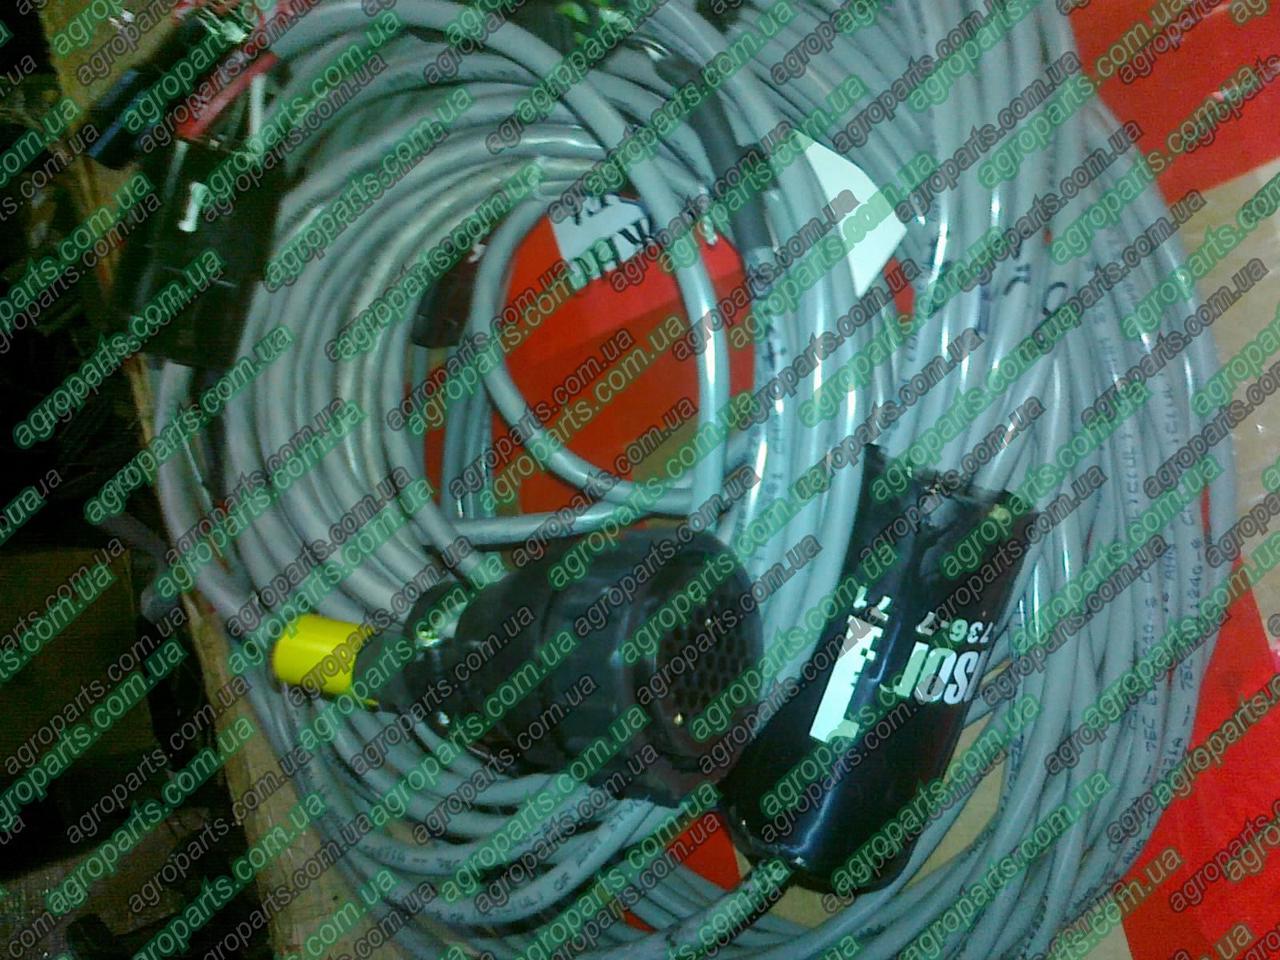 Проводка 8р  GA5877 Planter Harness 8 Row, Kinze GA5876 жгут проводов запчасти купить продаю GD7850